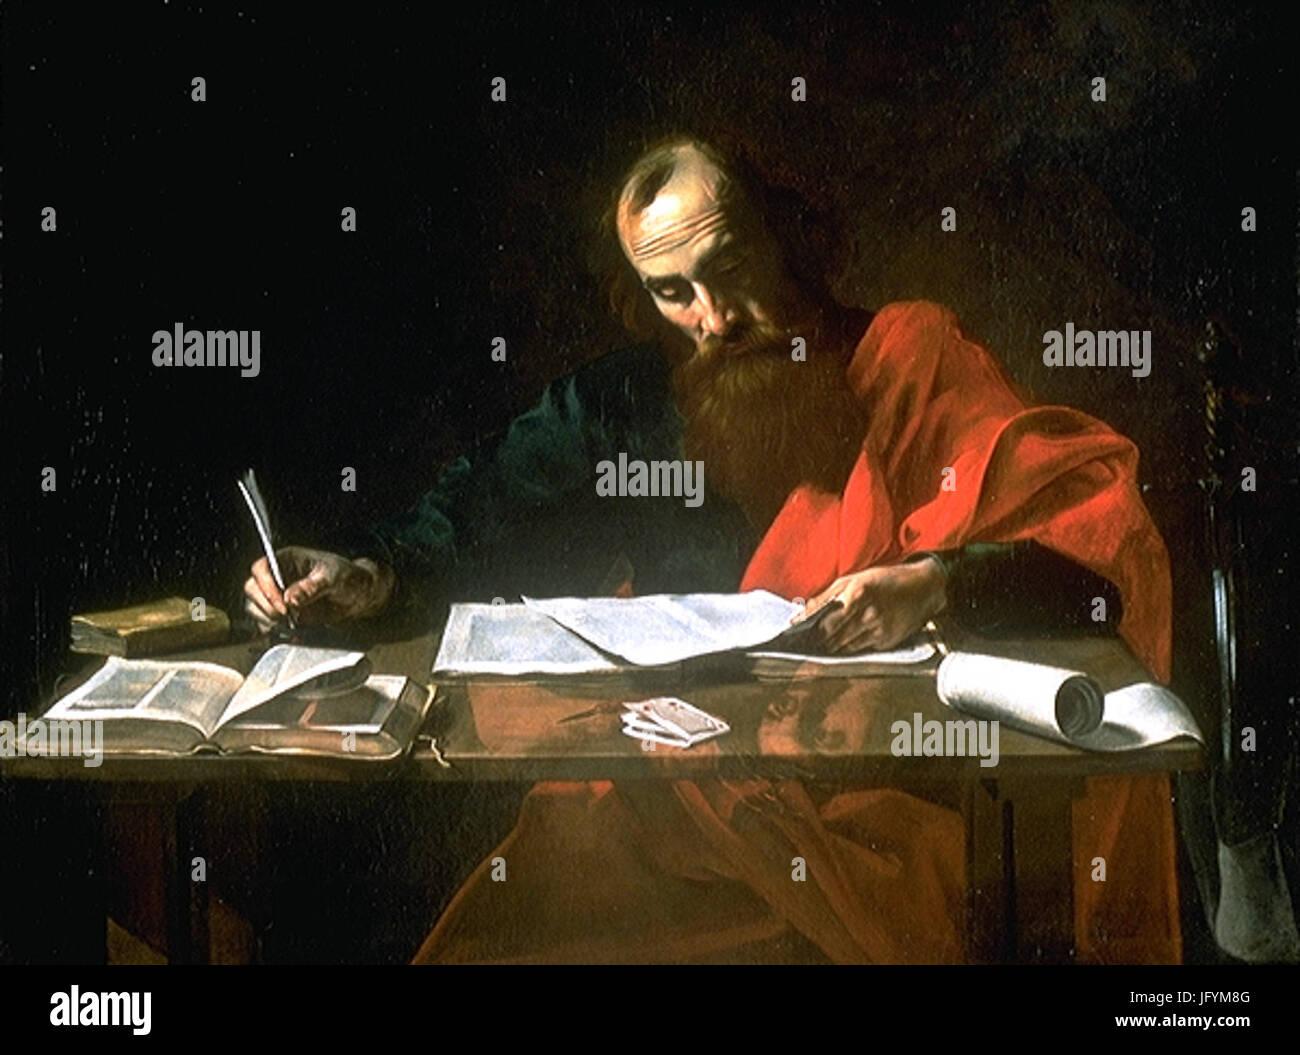 File -Saint Paul Writing His Epistles  by Valentin de Boulogne - Stock Image